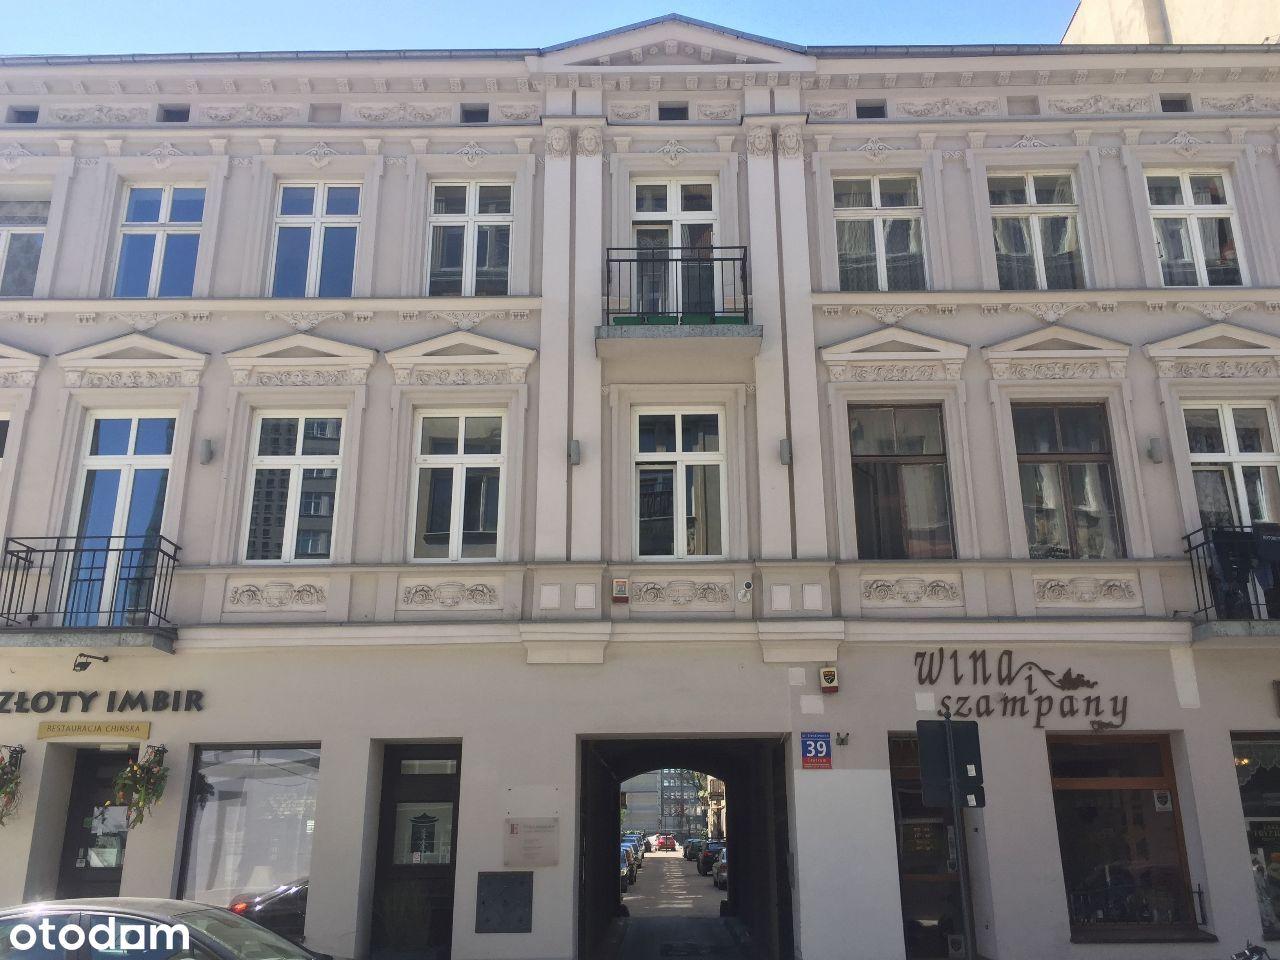 Mieszkanie w centrum Łodzi, ul. Sienkiewicza 39